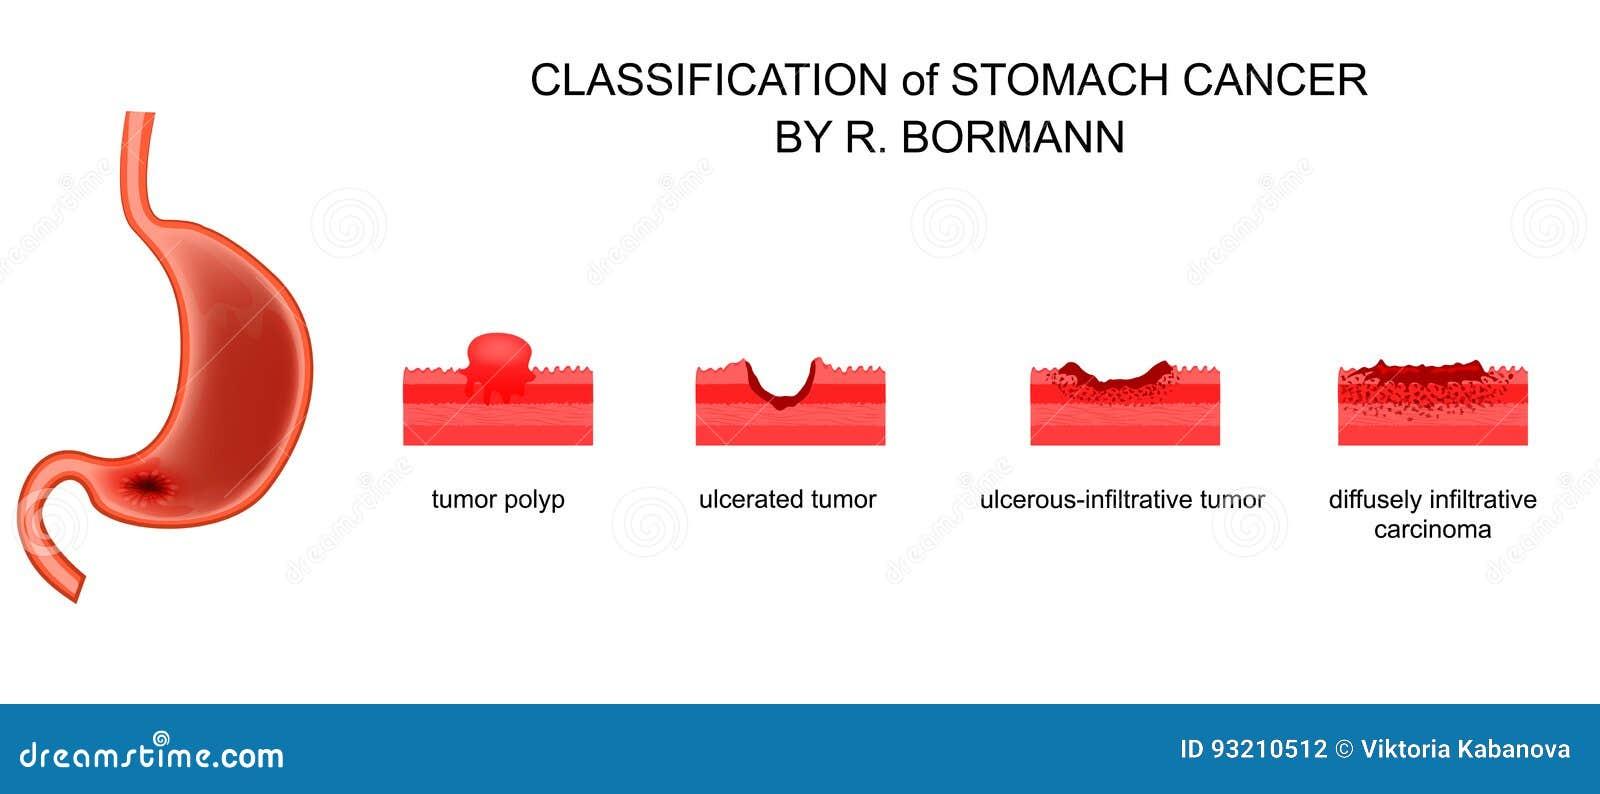 benign cancer or tumor